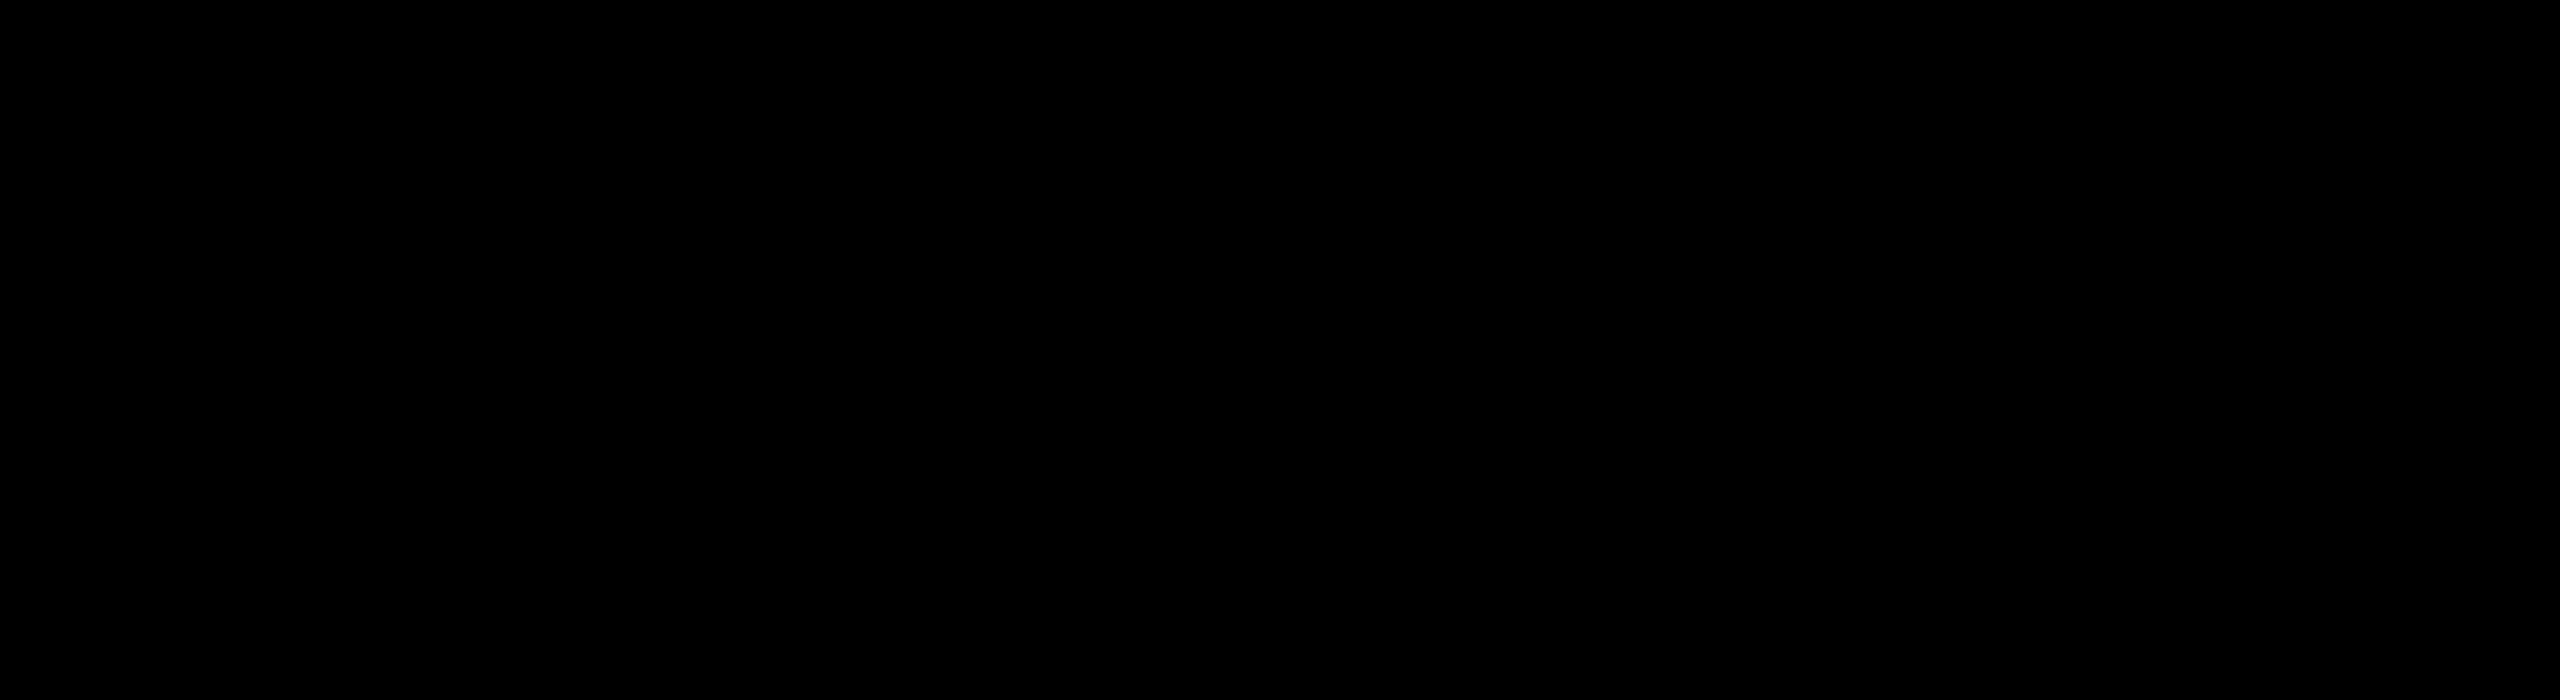 Key Of D Major